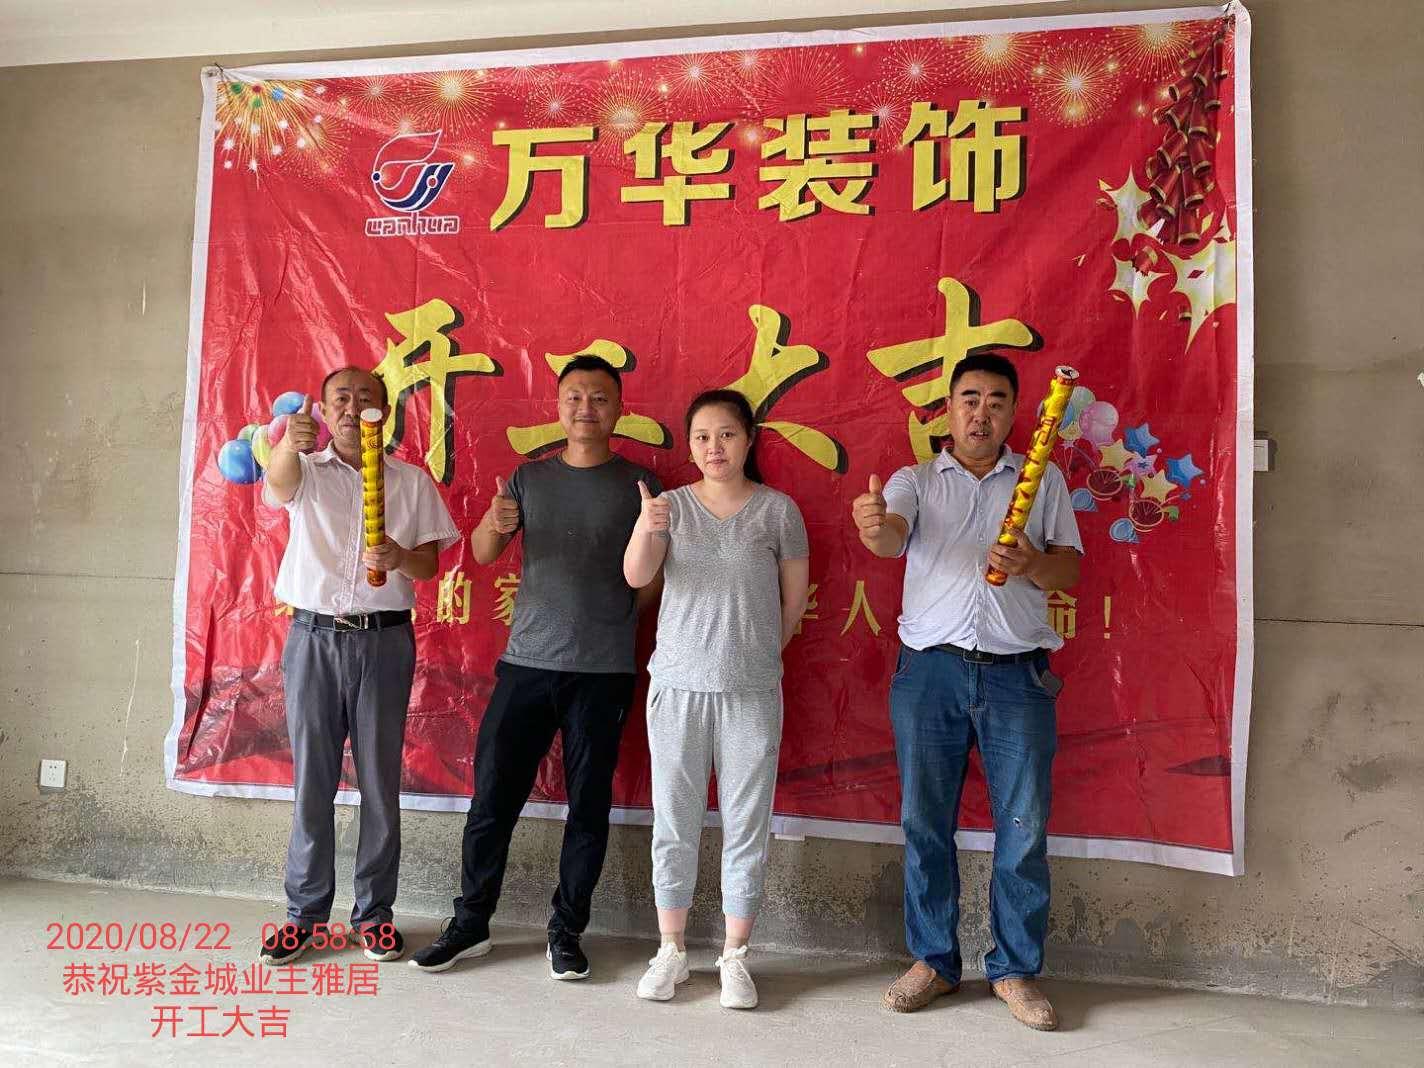 2020年8月22日恭祝紫金城业主雅居开工大吉